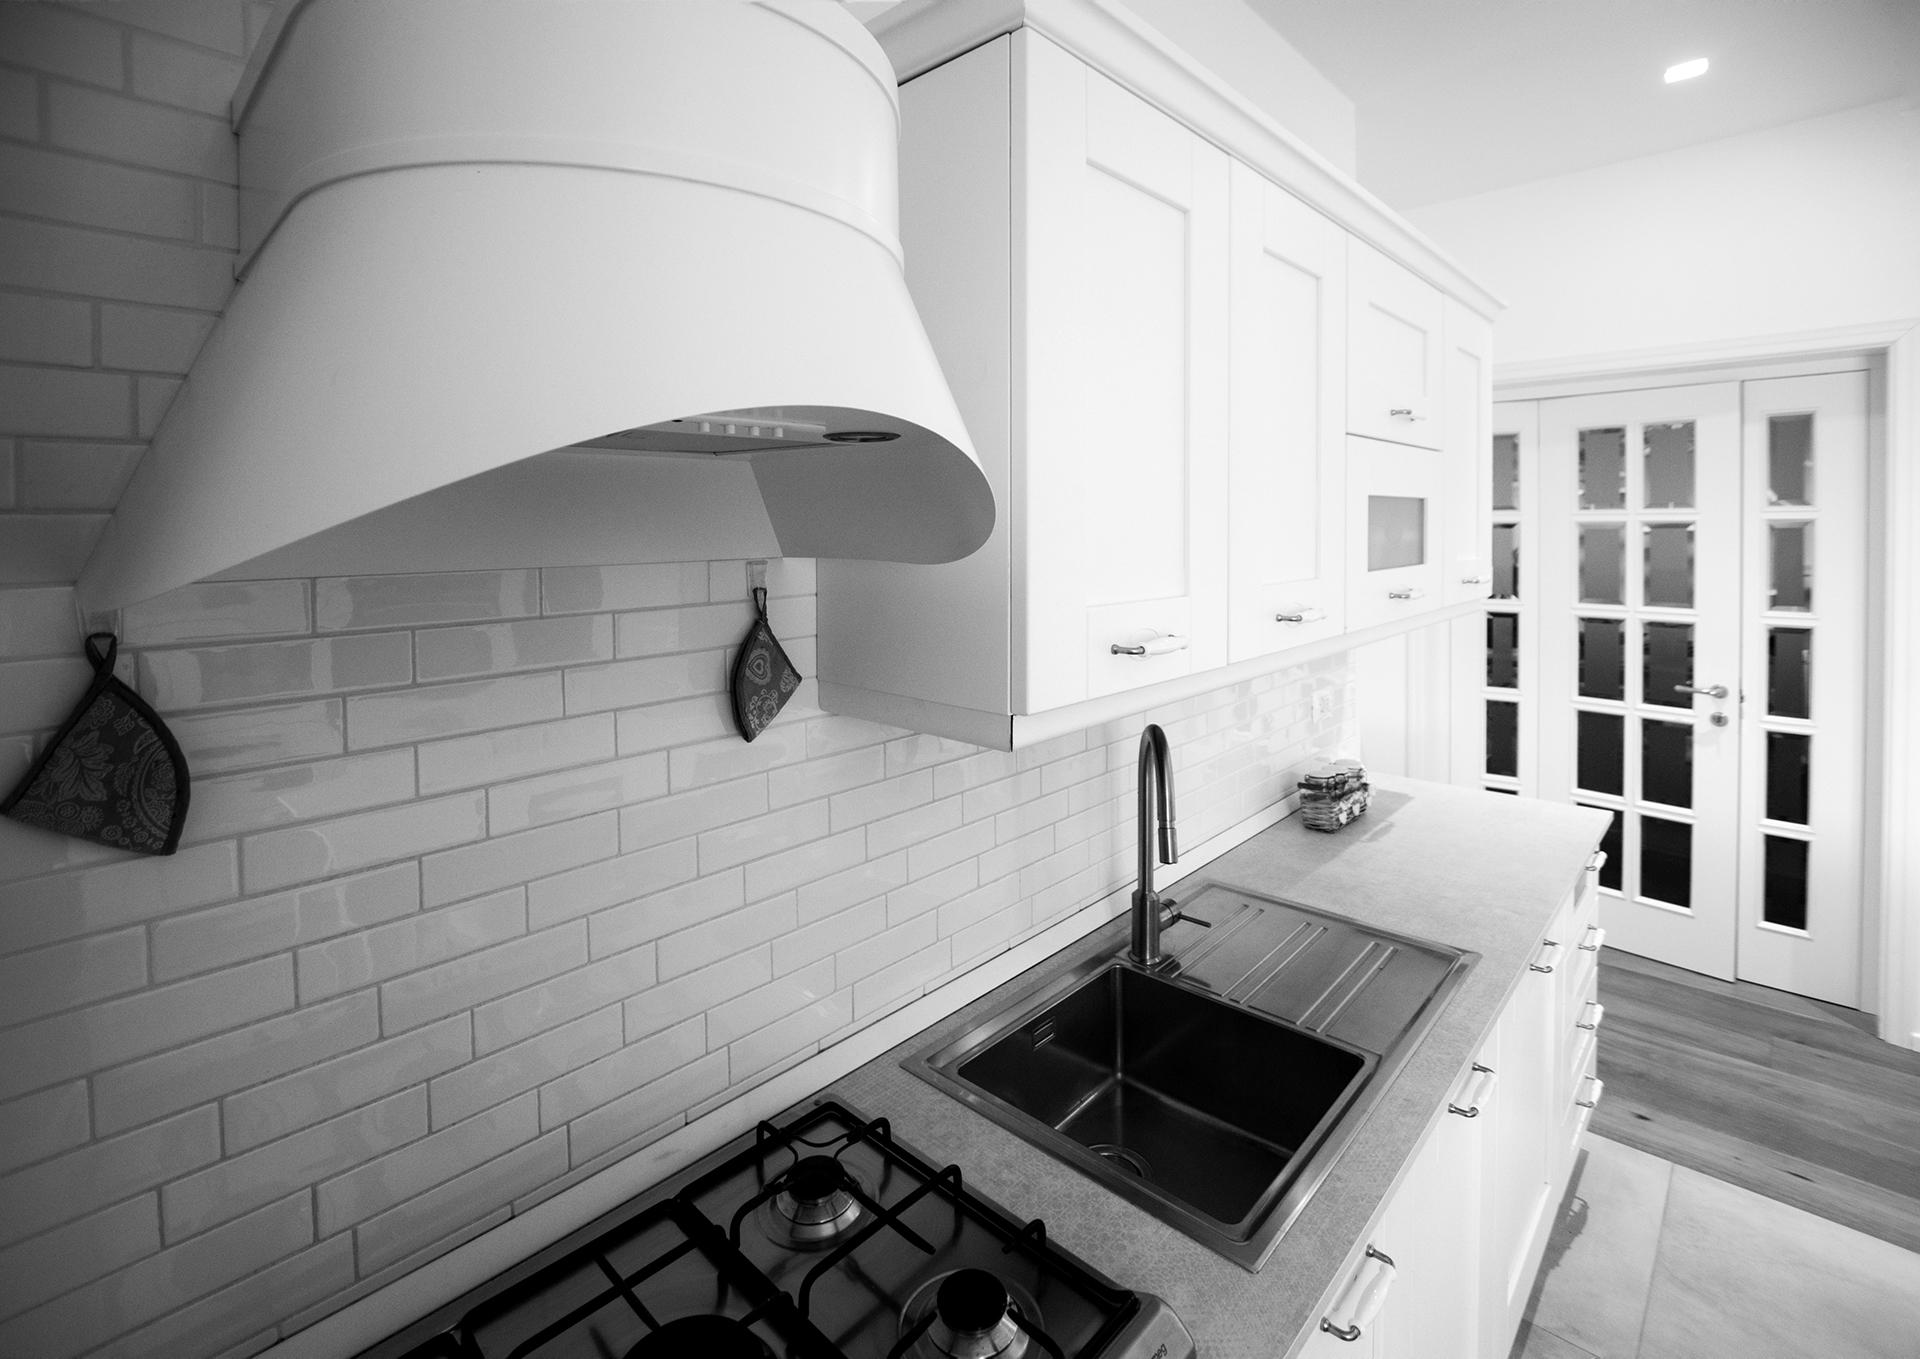 casa GR. dettaglio della cucina.